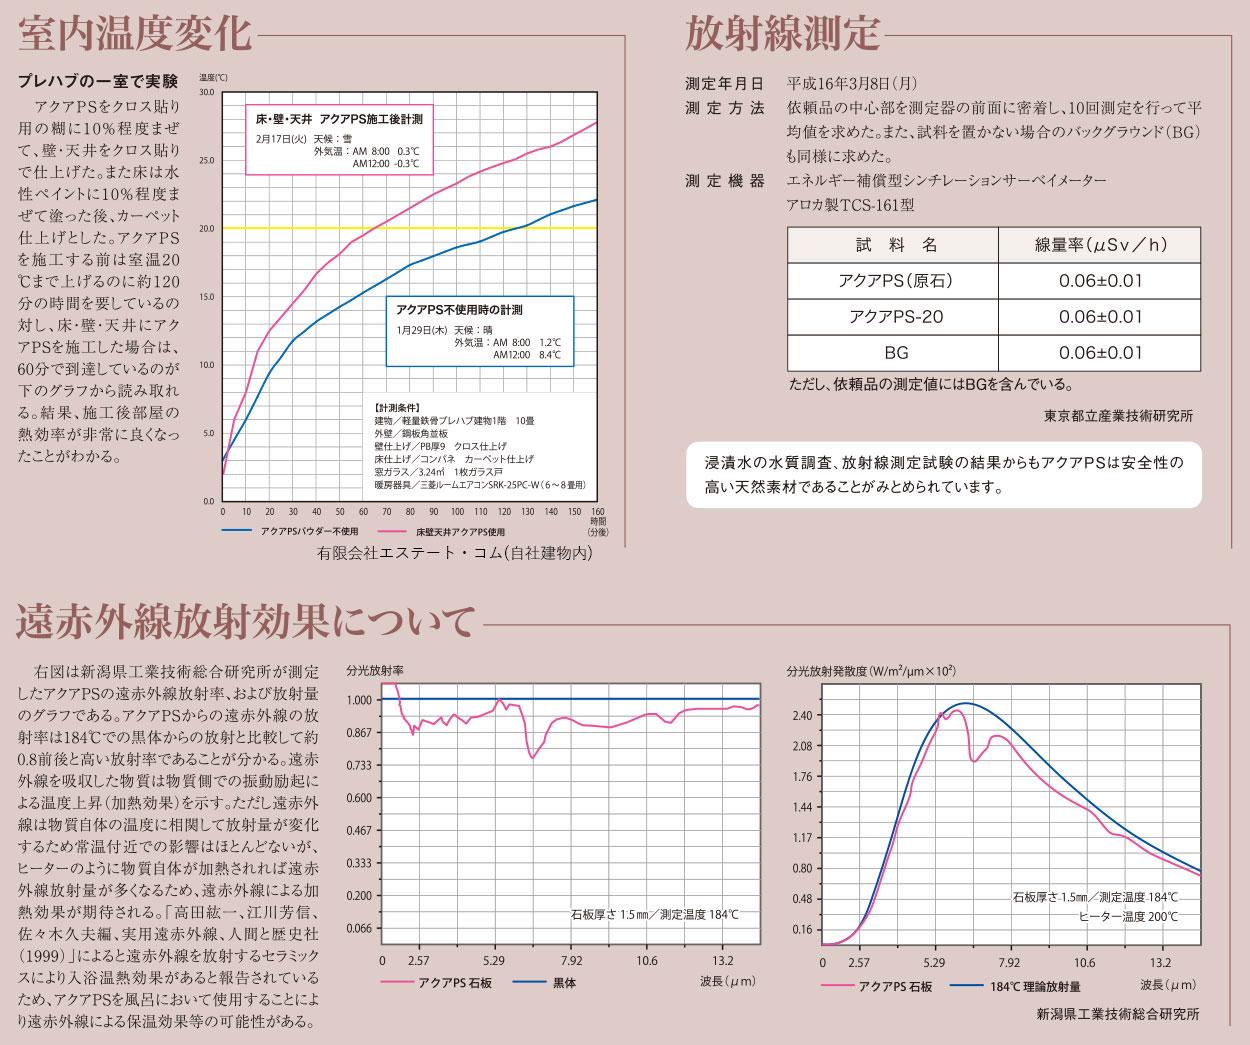 室内温度変化 放射線測定 遠赤外線放射効果について